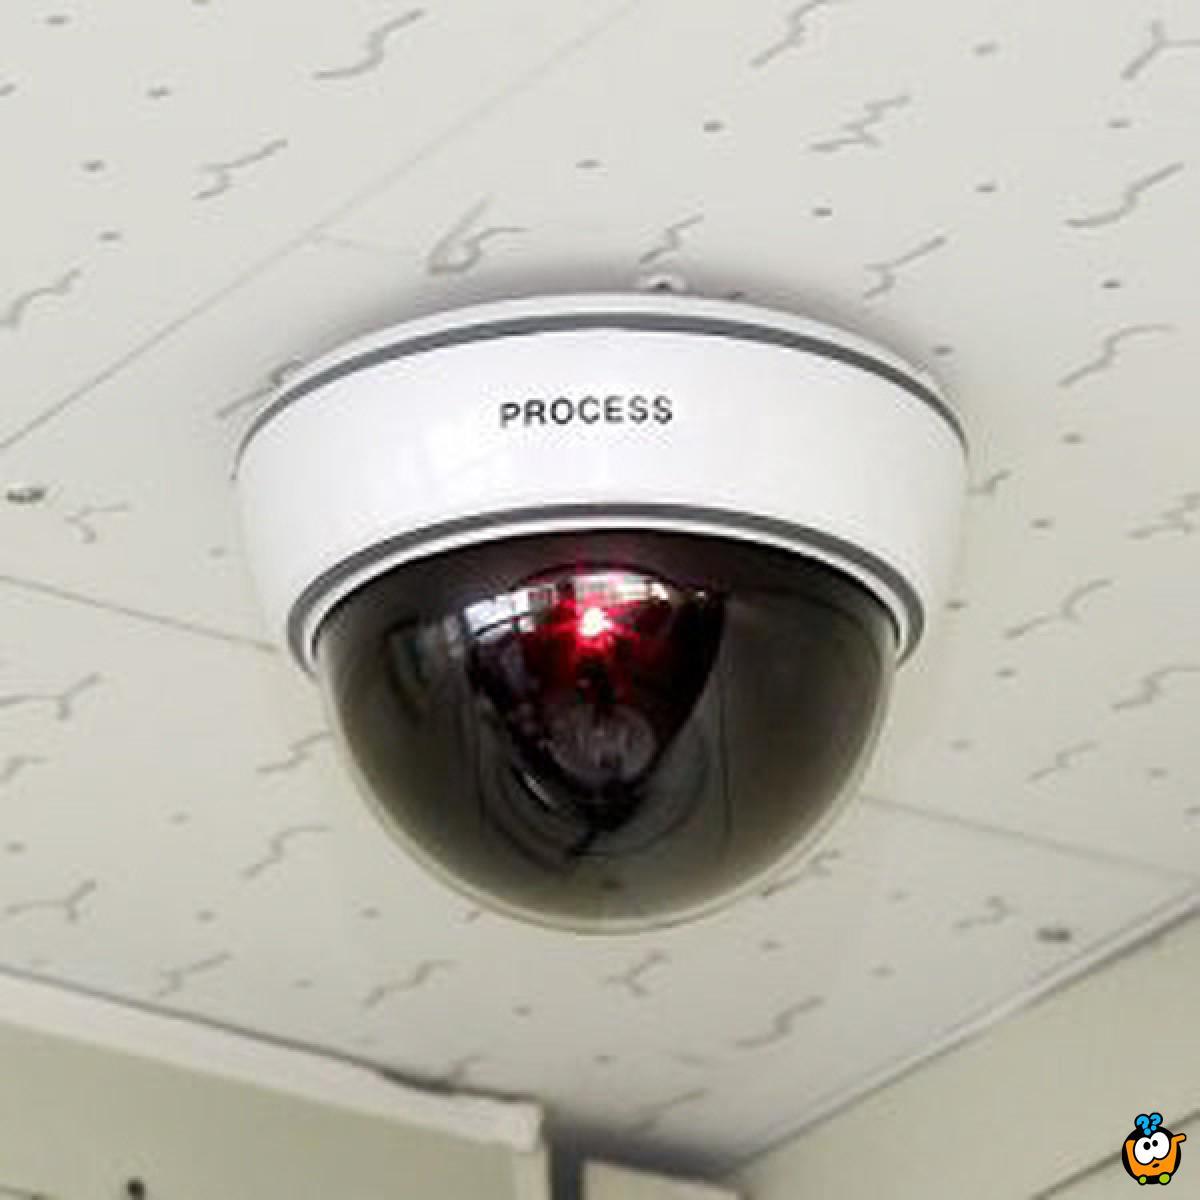 Okrugla lažna kamera za video nadzor